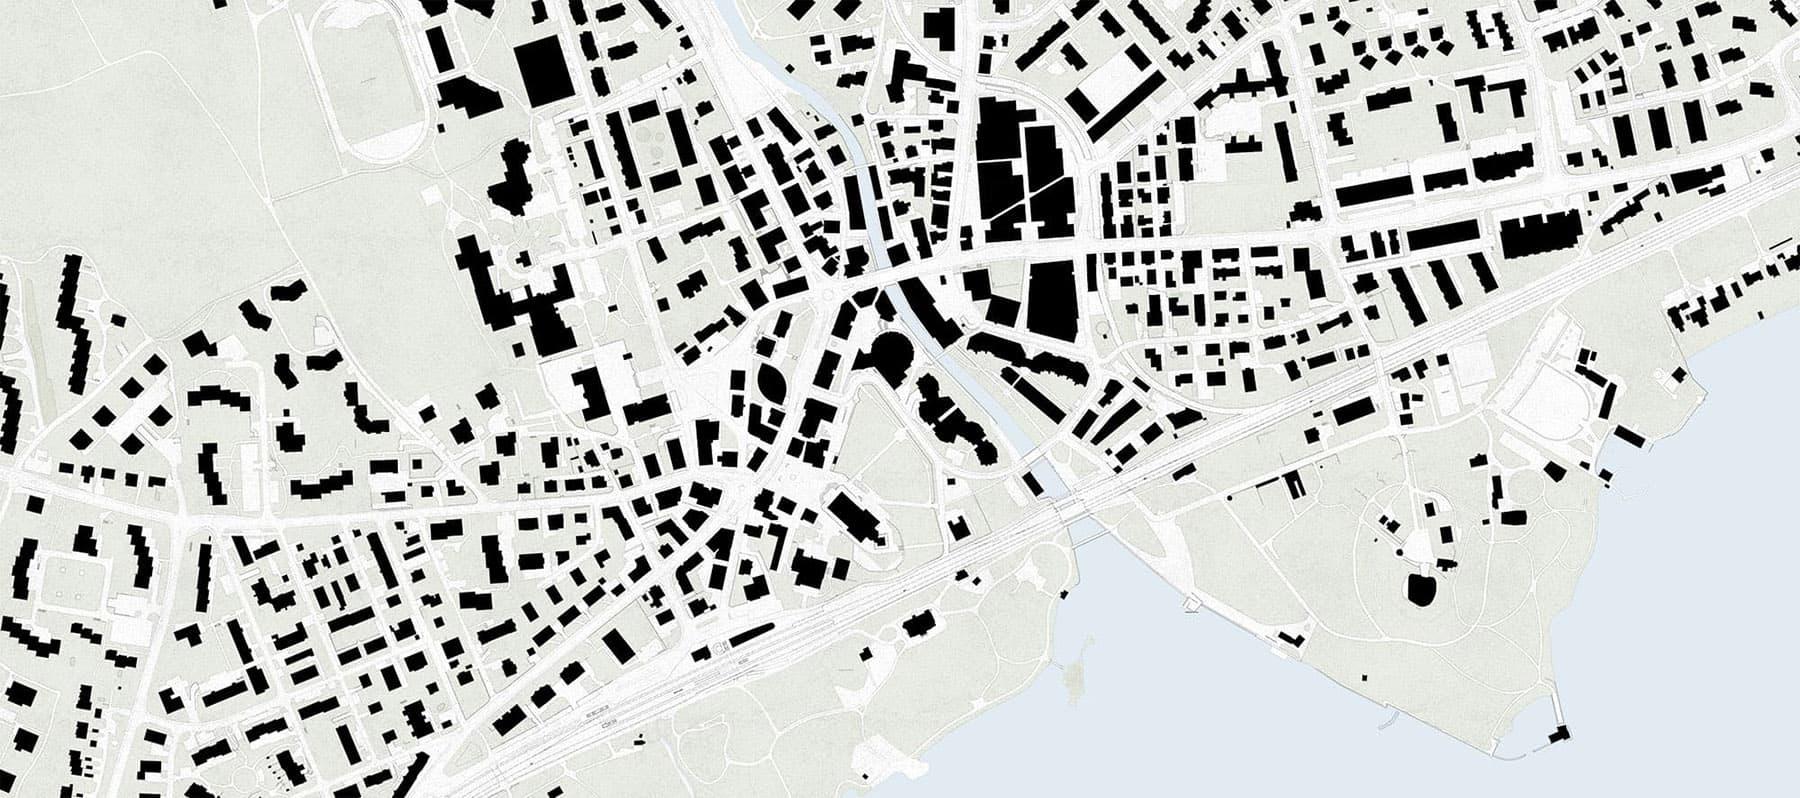 098-schwarzplan-wohnueberbauung-cham